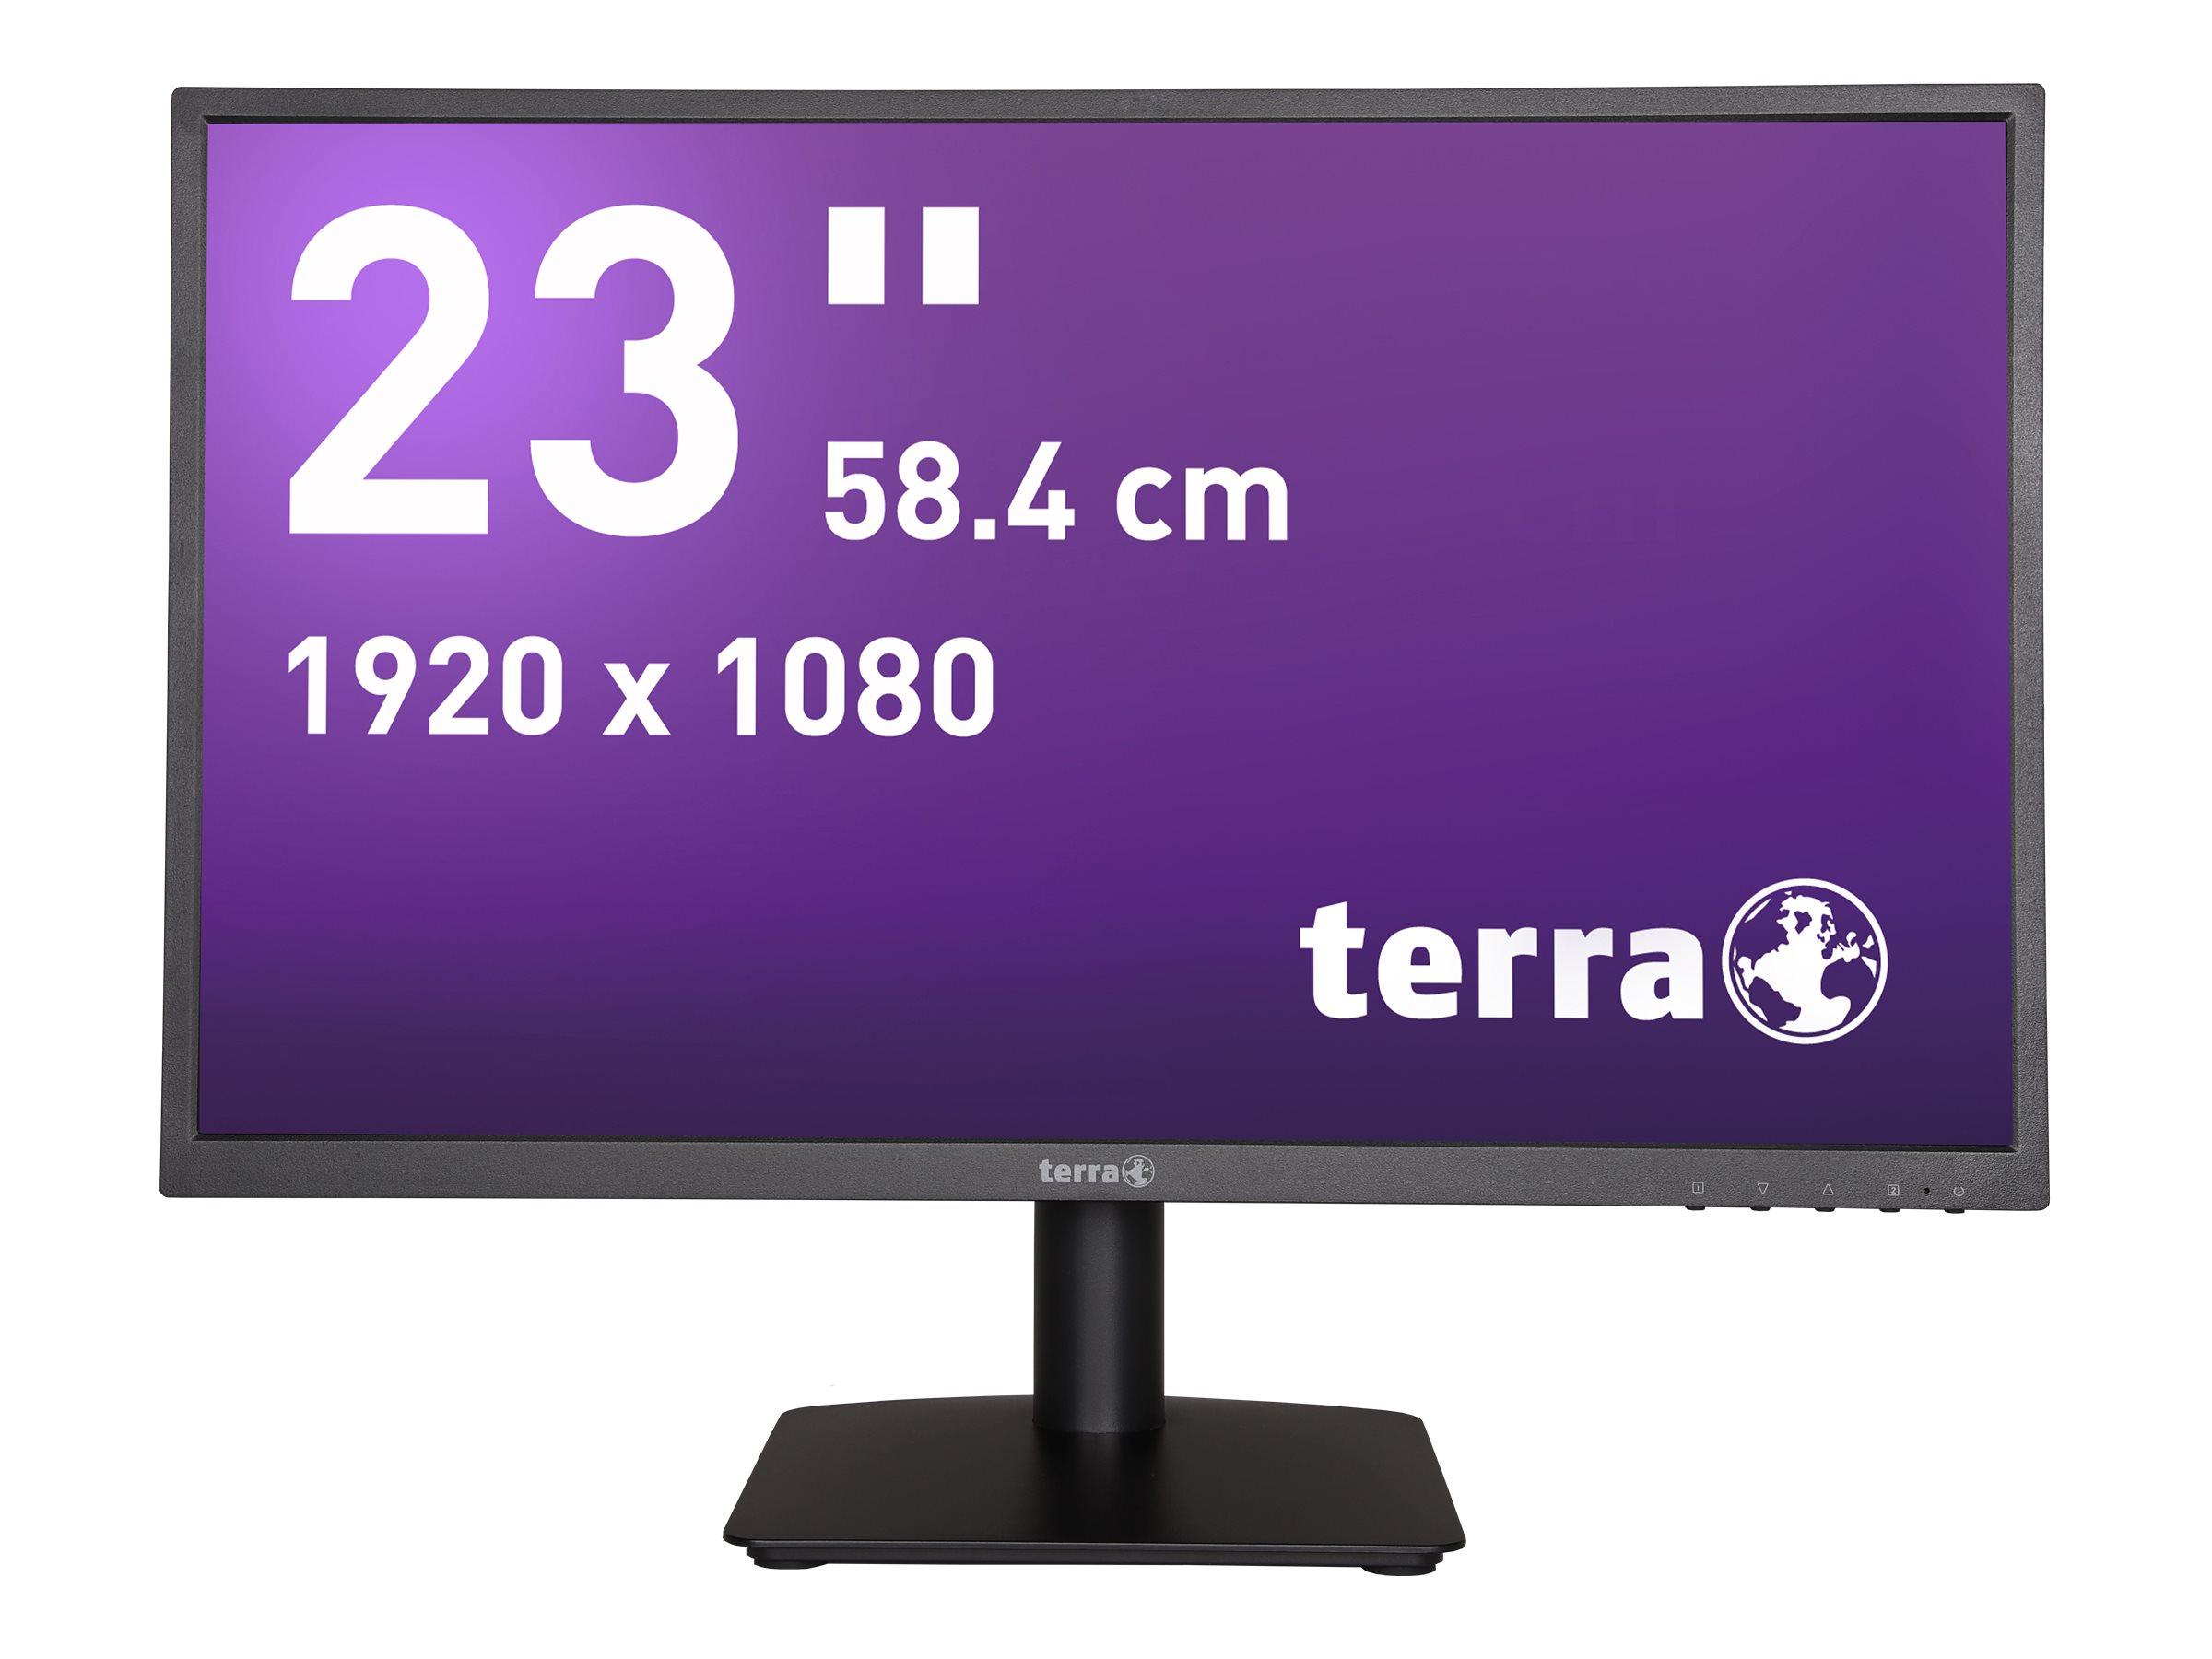 Wortmann TERRA 2311W - GREENLINE PLUS - LED-Monitor - 58.4 cm (23